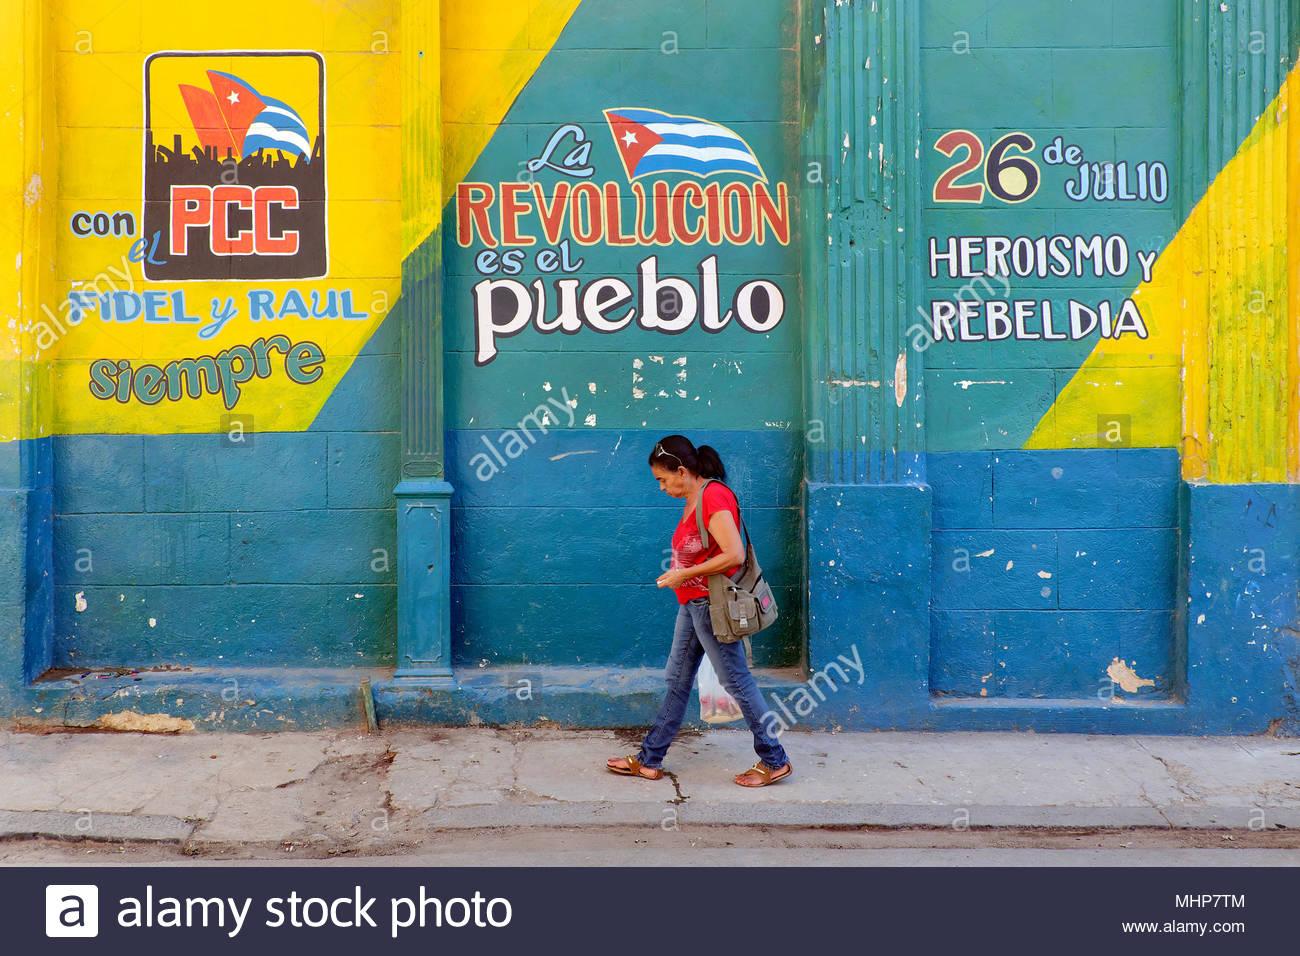 Frau übergibt eine bunte Wand mit politischen Graffiti, dass die Kubanische Revolution feiert am 26. Juli, Havanna, Kuba Stockbild